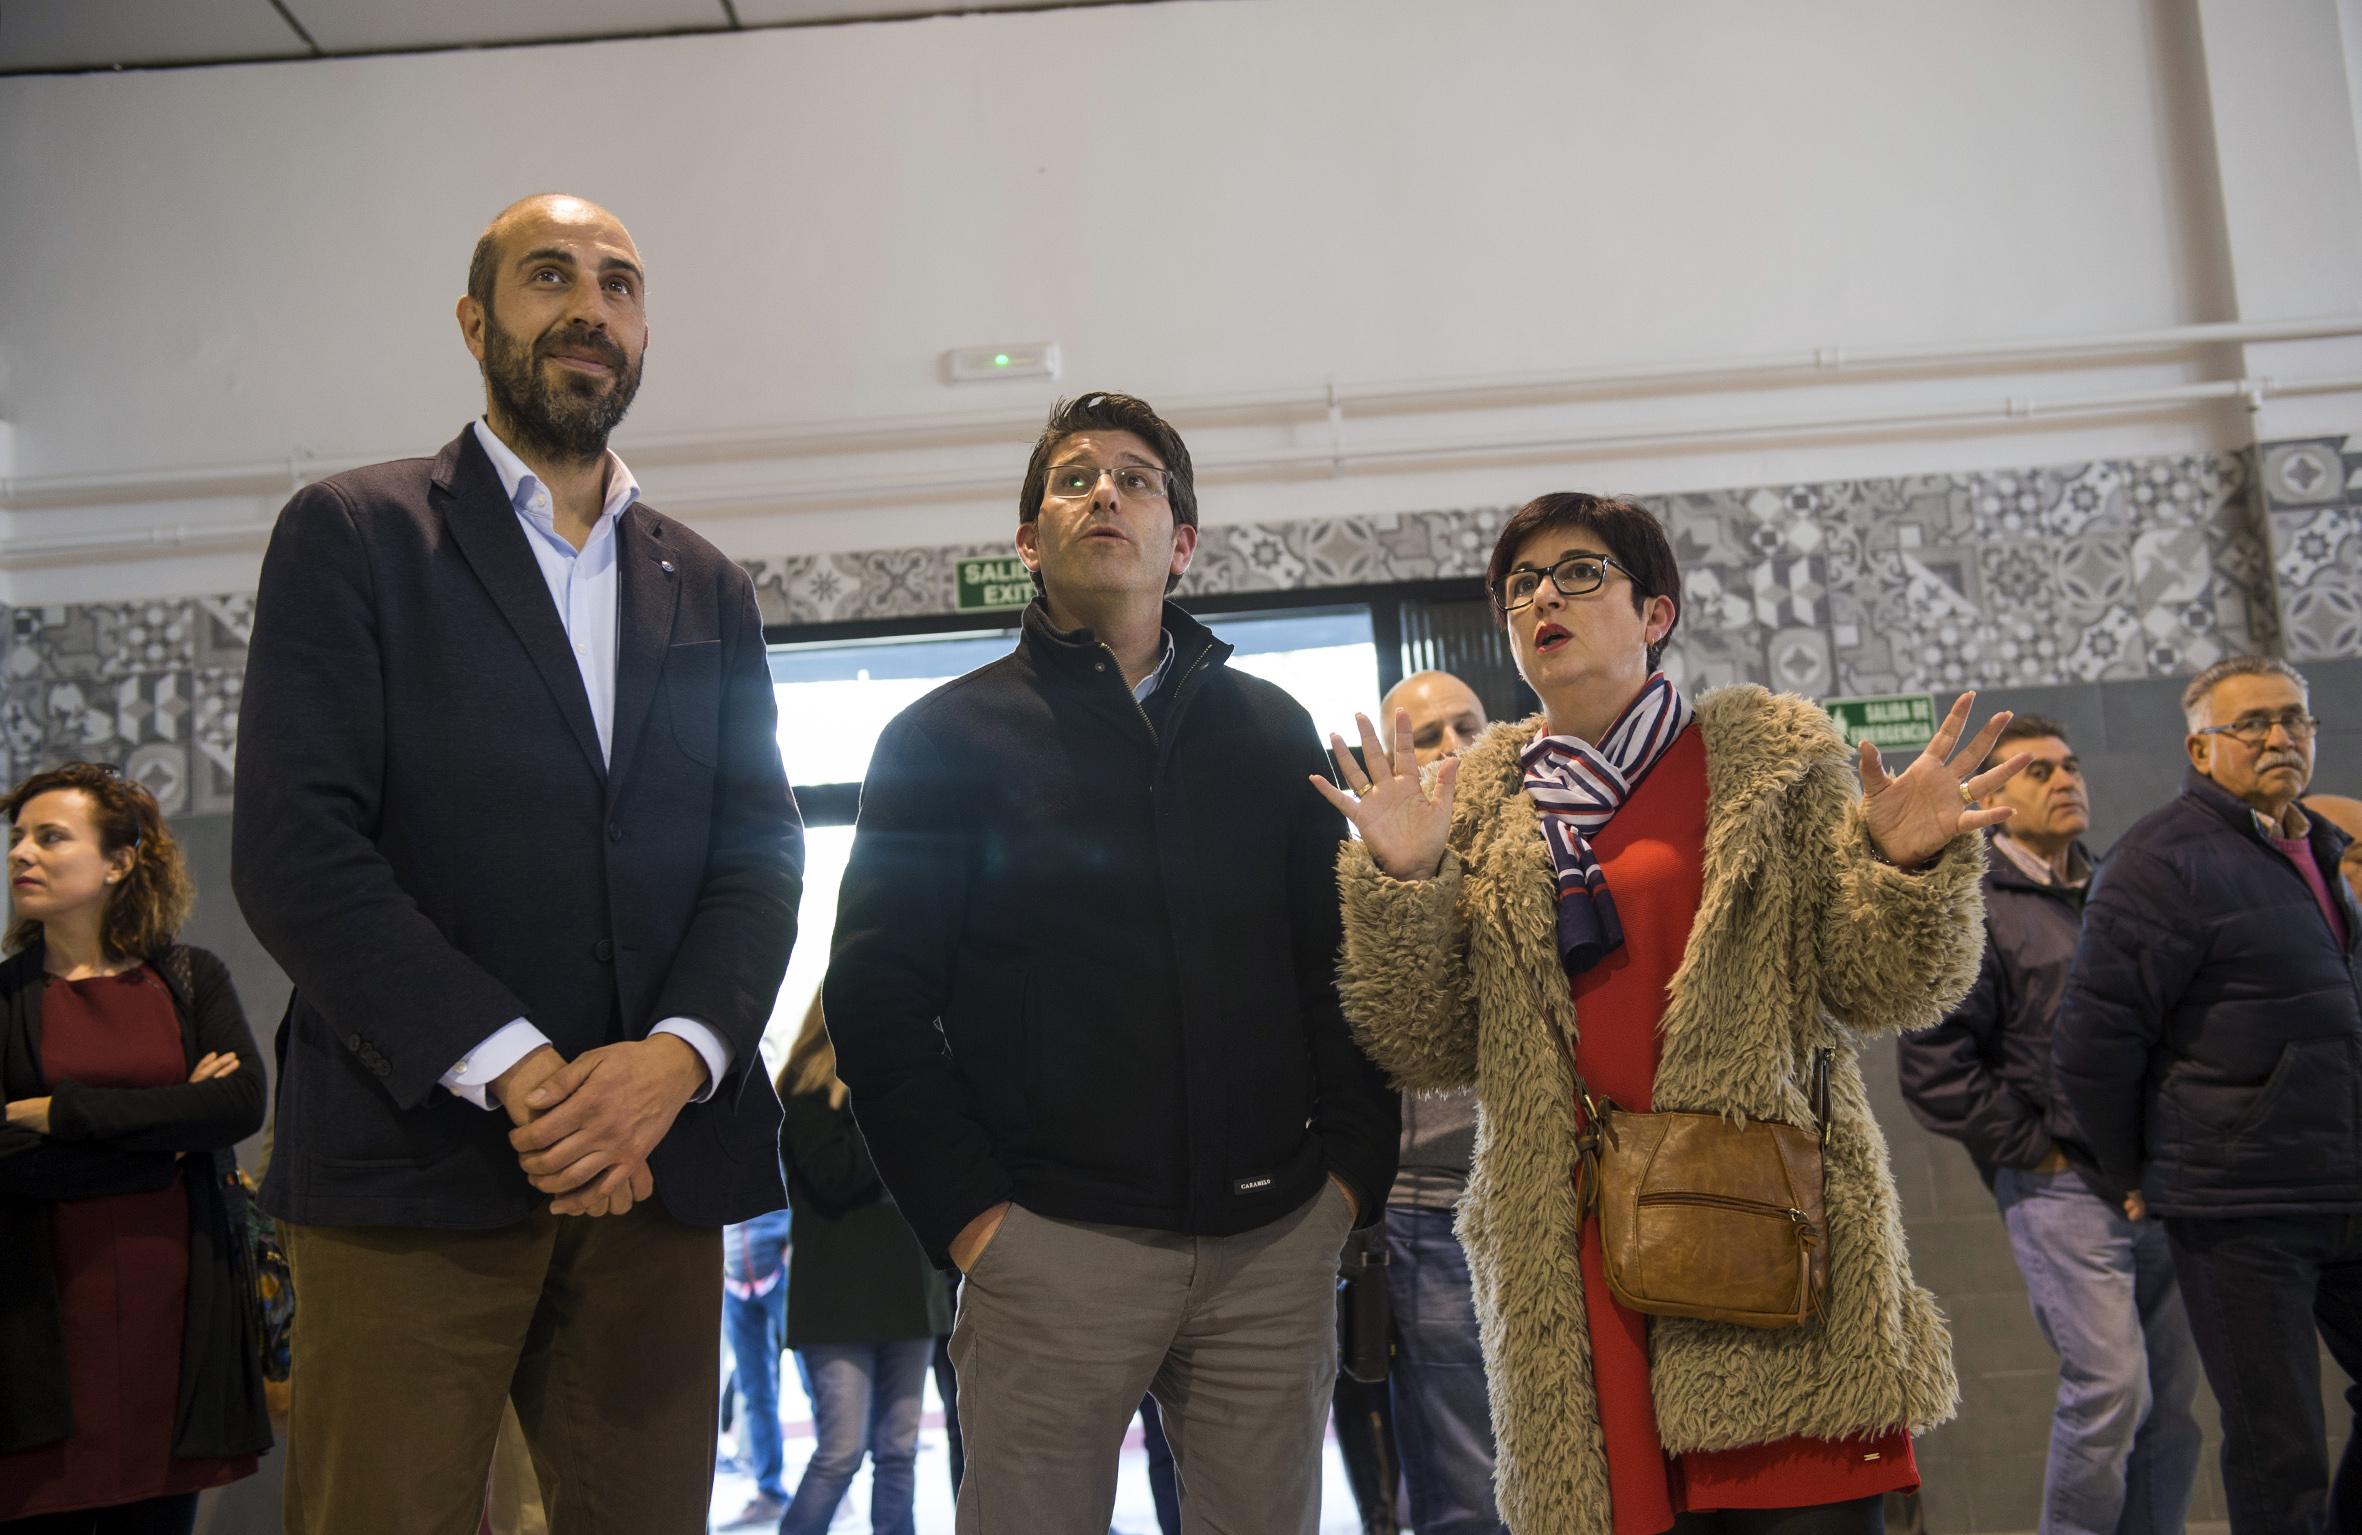 La Diputació ha invertido 100.000 euros en las sociedades musicales de Buñol y ha habilitado una sala social en el antiguo mercado municipal.